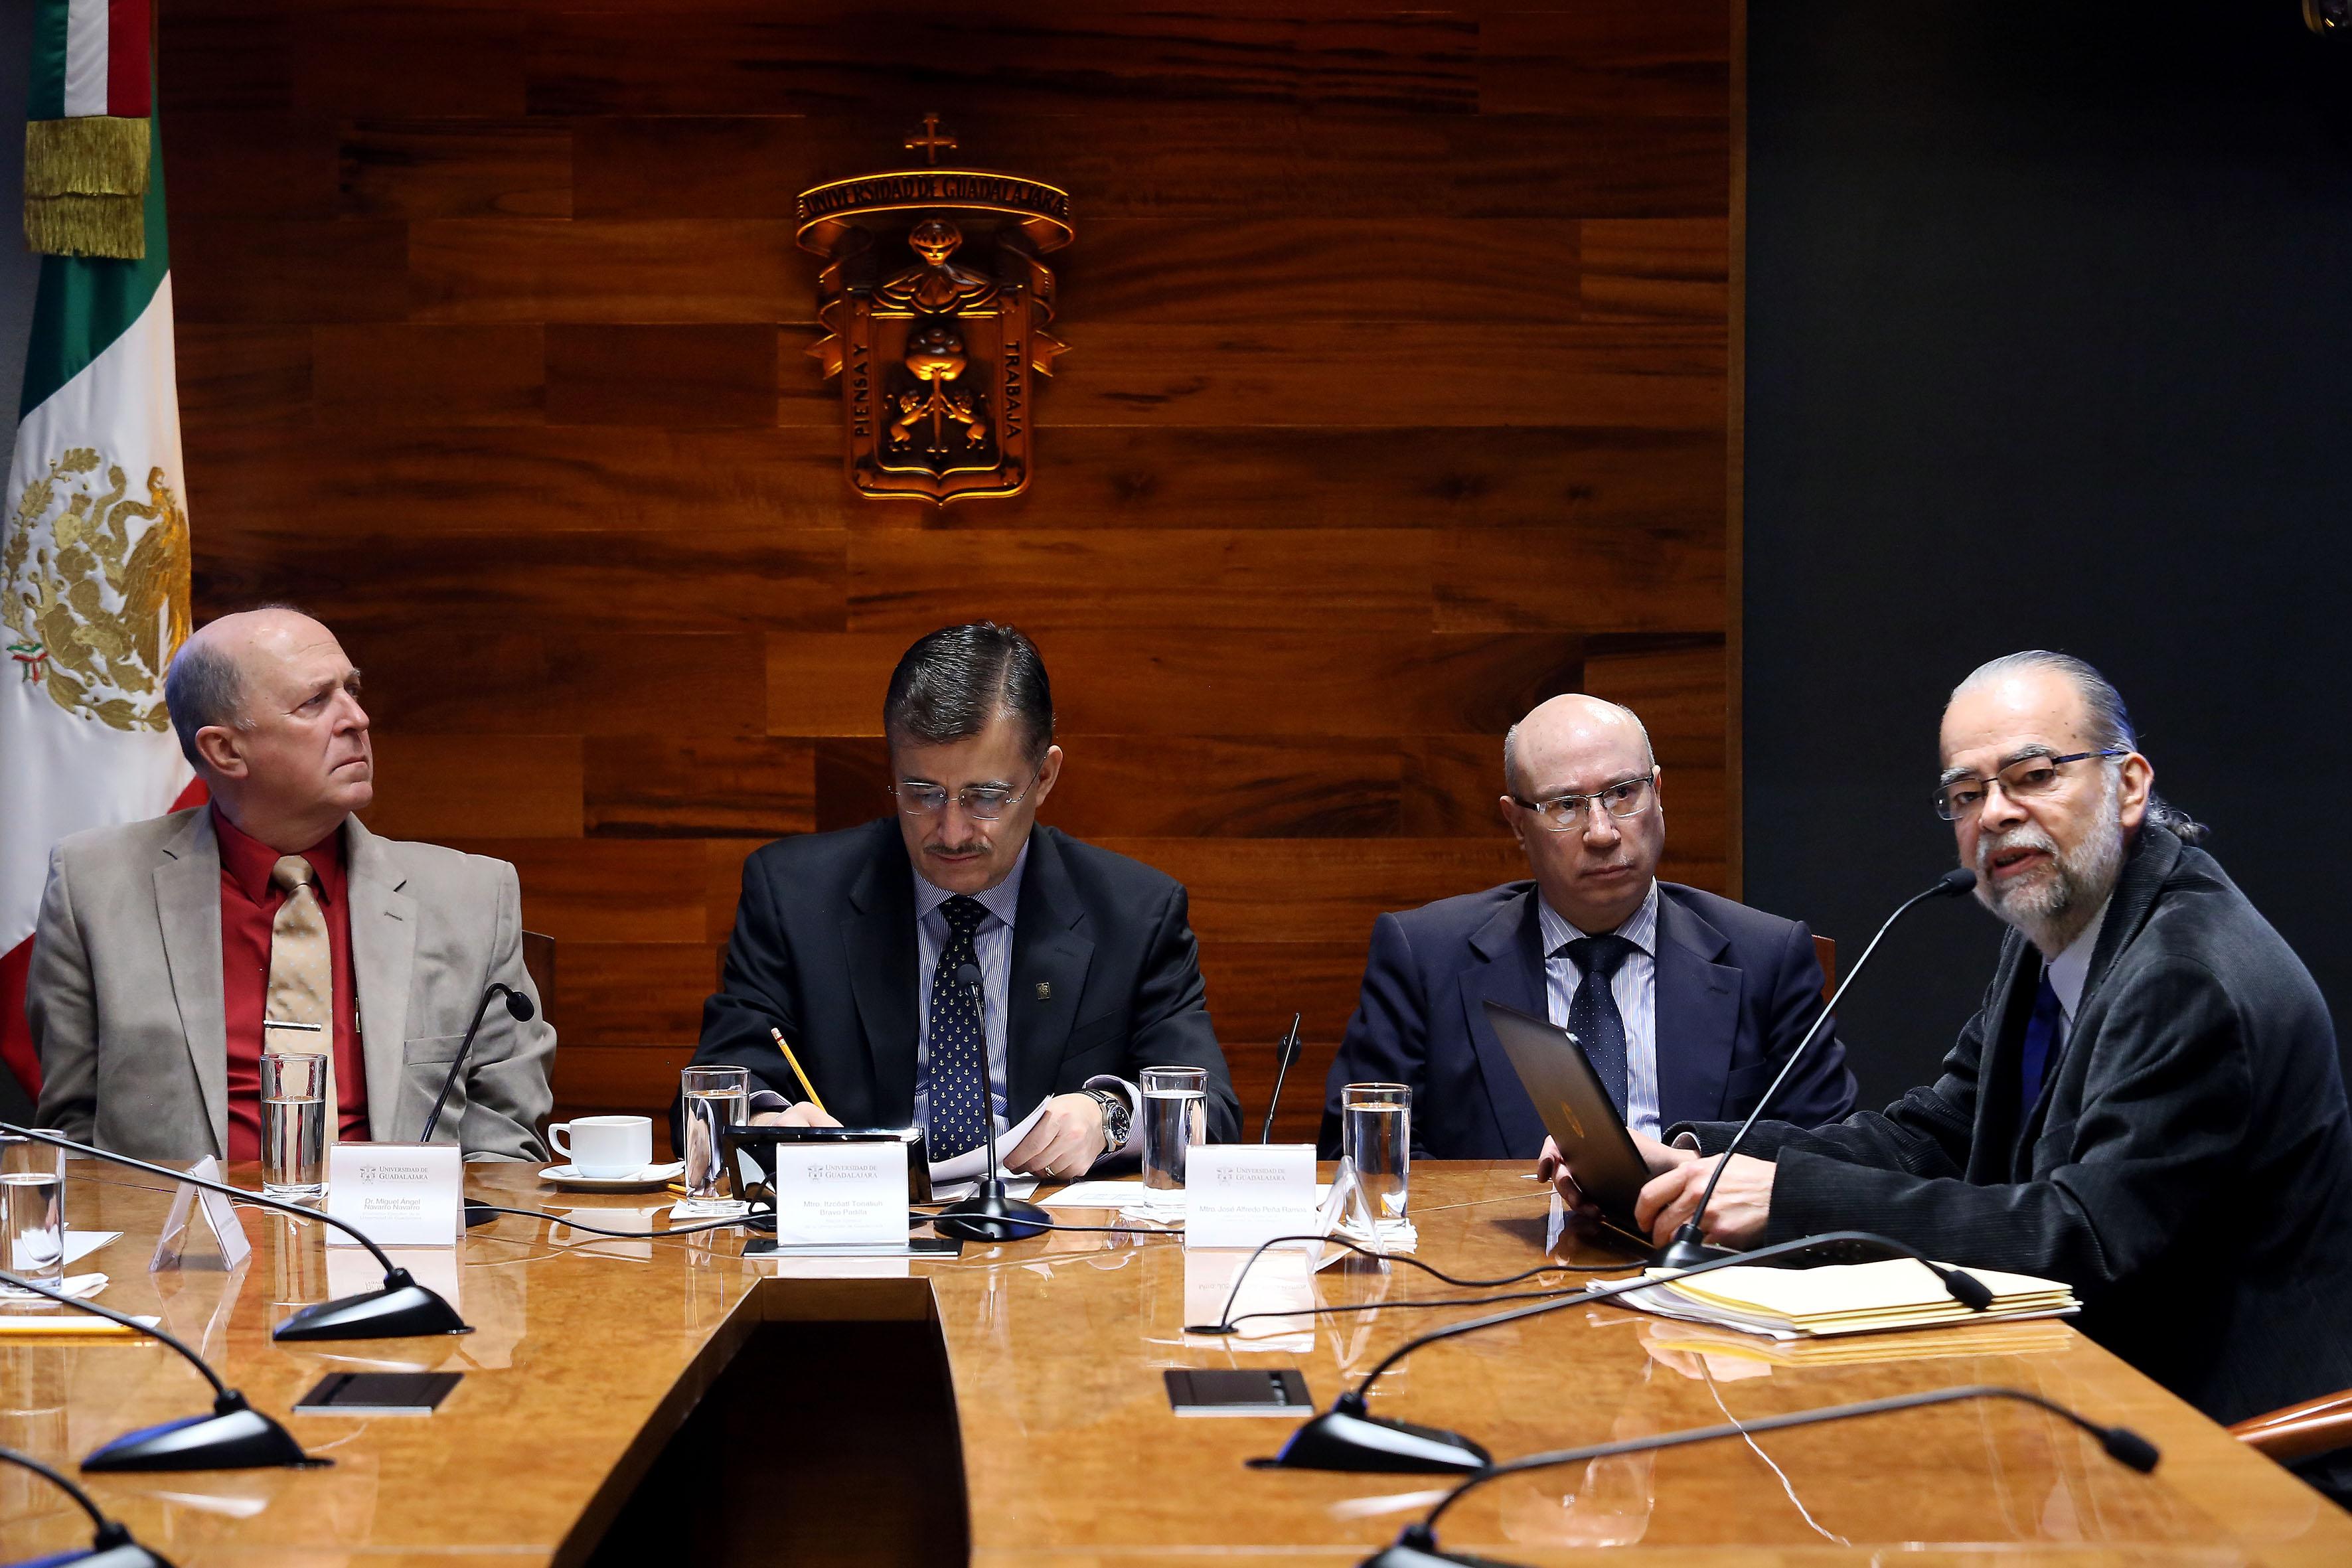 Dr. Miguel Ángel Navarro Navarro, Mtro. Itzcóatl Tonatiuh Bravo Padilla, Mtro. José Alfredo Peña Ramos y maestro Roberto Rivas Montiel